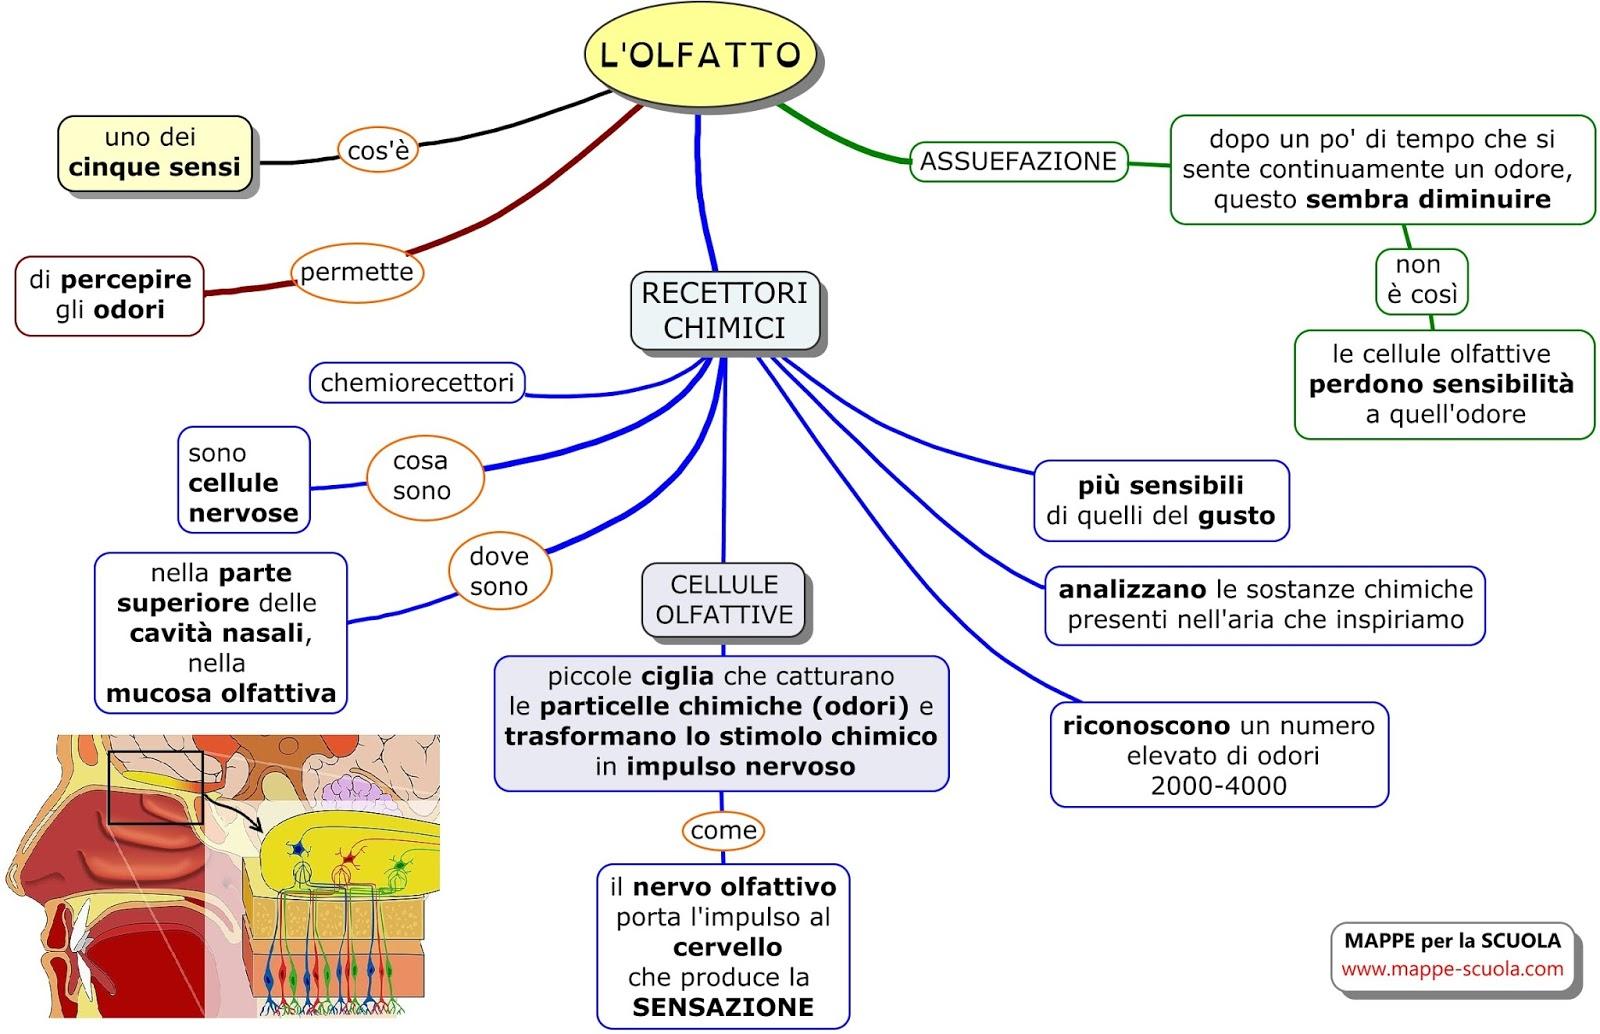 Estremamente MAPPE per la SCUOLA: L'OLFATTO EZ07